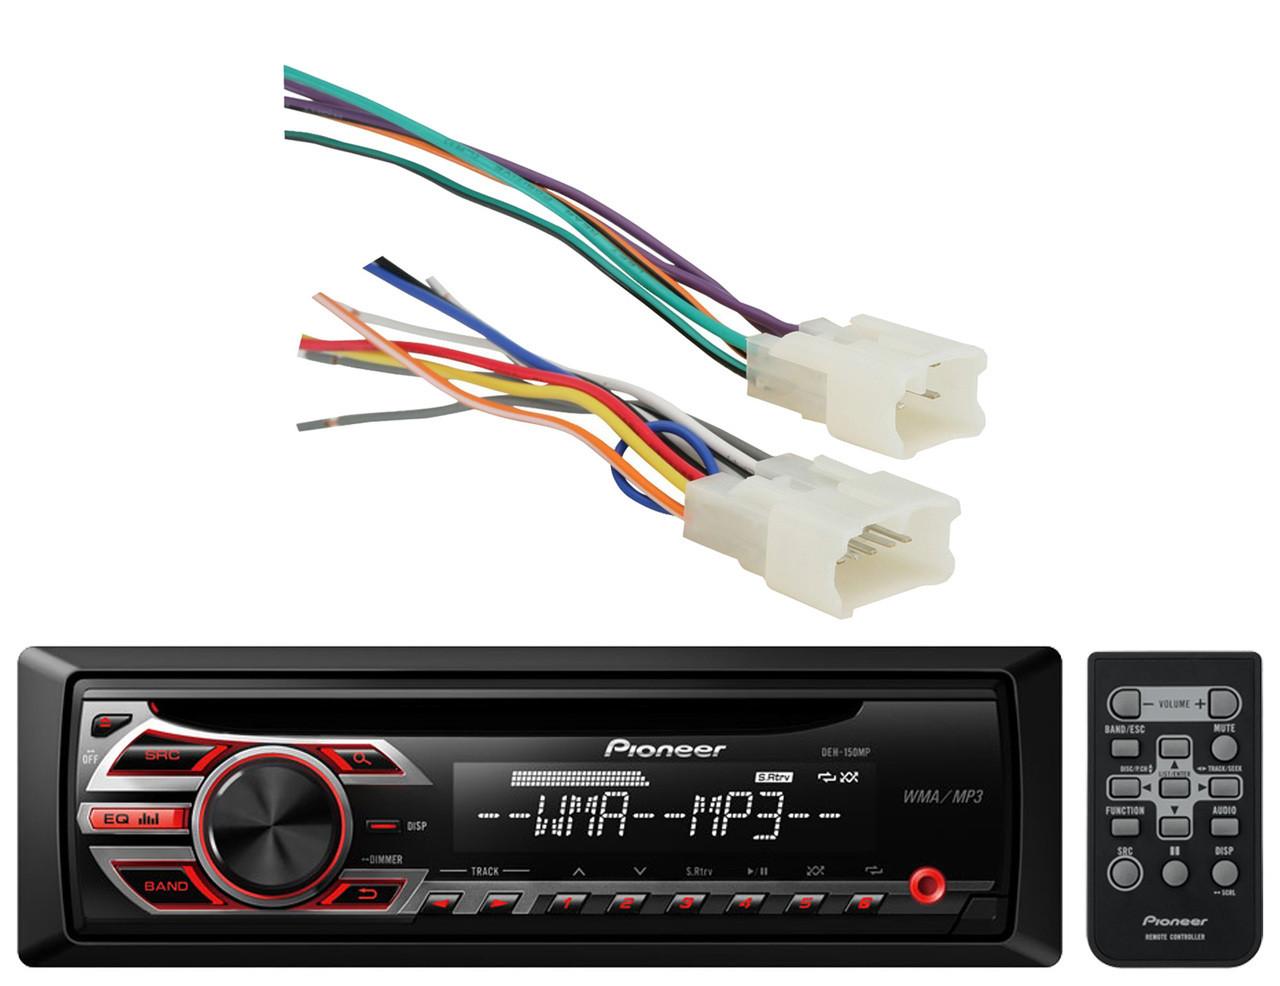 Pioneer CD AUX Mp3 Car Stereo Receiver, New Metra 70-1761 Toyota 87 on pioneer audio, pioneer wheel, radio harness, pioneer wiring-diagram, pioneer wiring installation, pioneer deh wiring, pioneer pump, pioneer wiring guide, pioneer speaker, pioneer replacement harness,